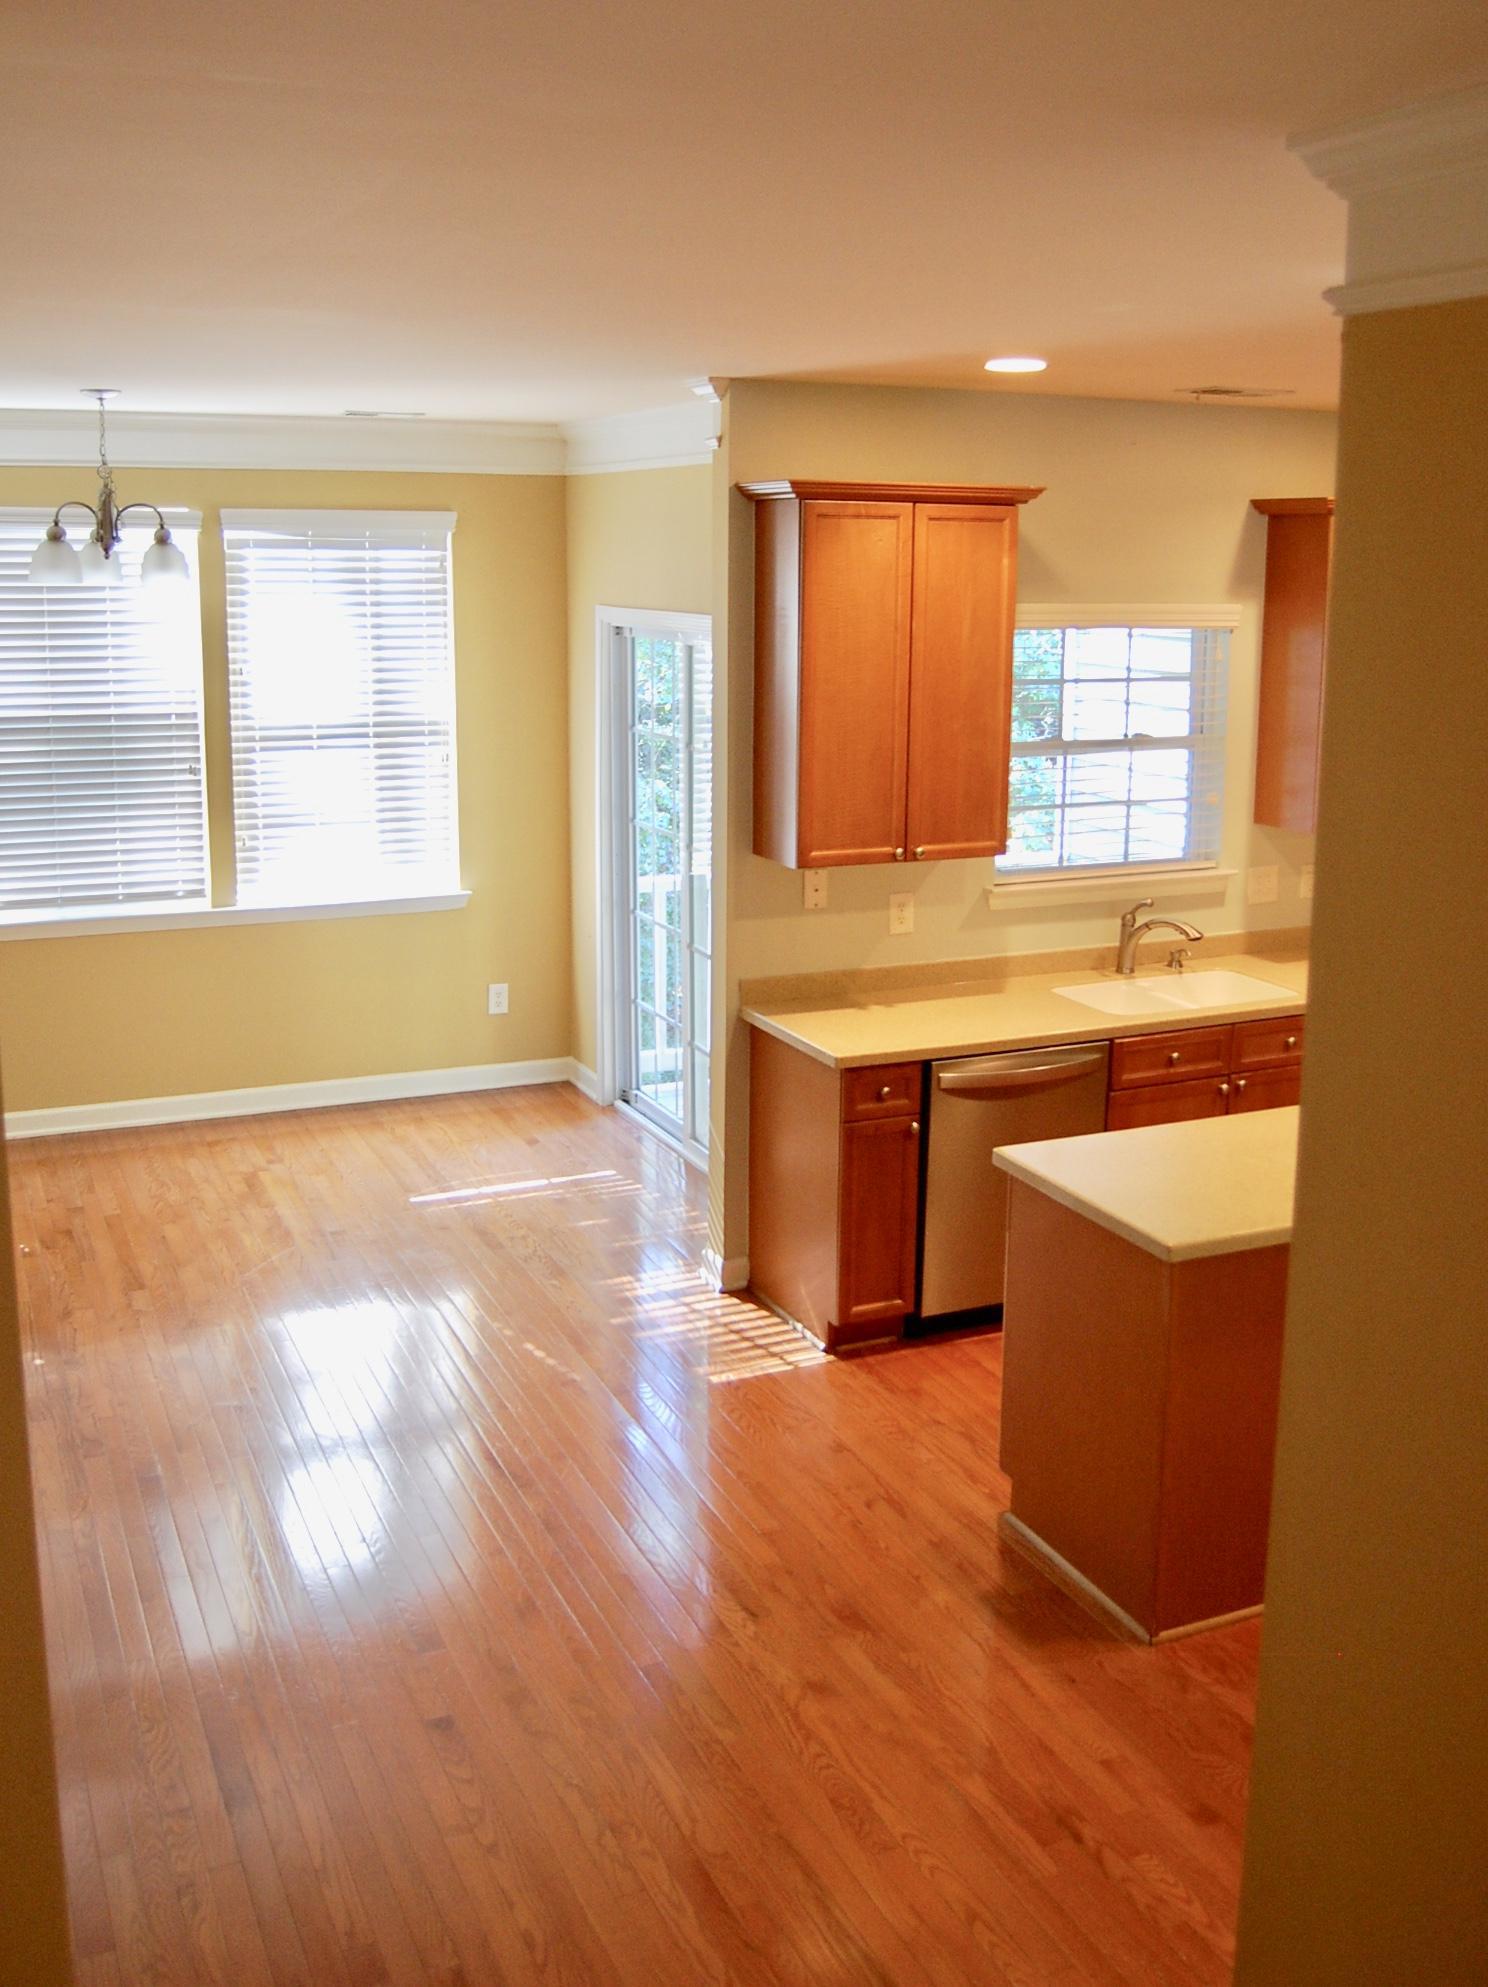 Park West Homes For Sale - 3529 Claremont, Mount Pleasant, SC - 8